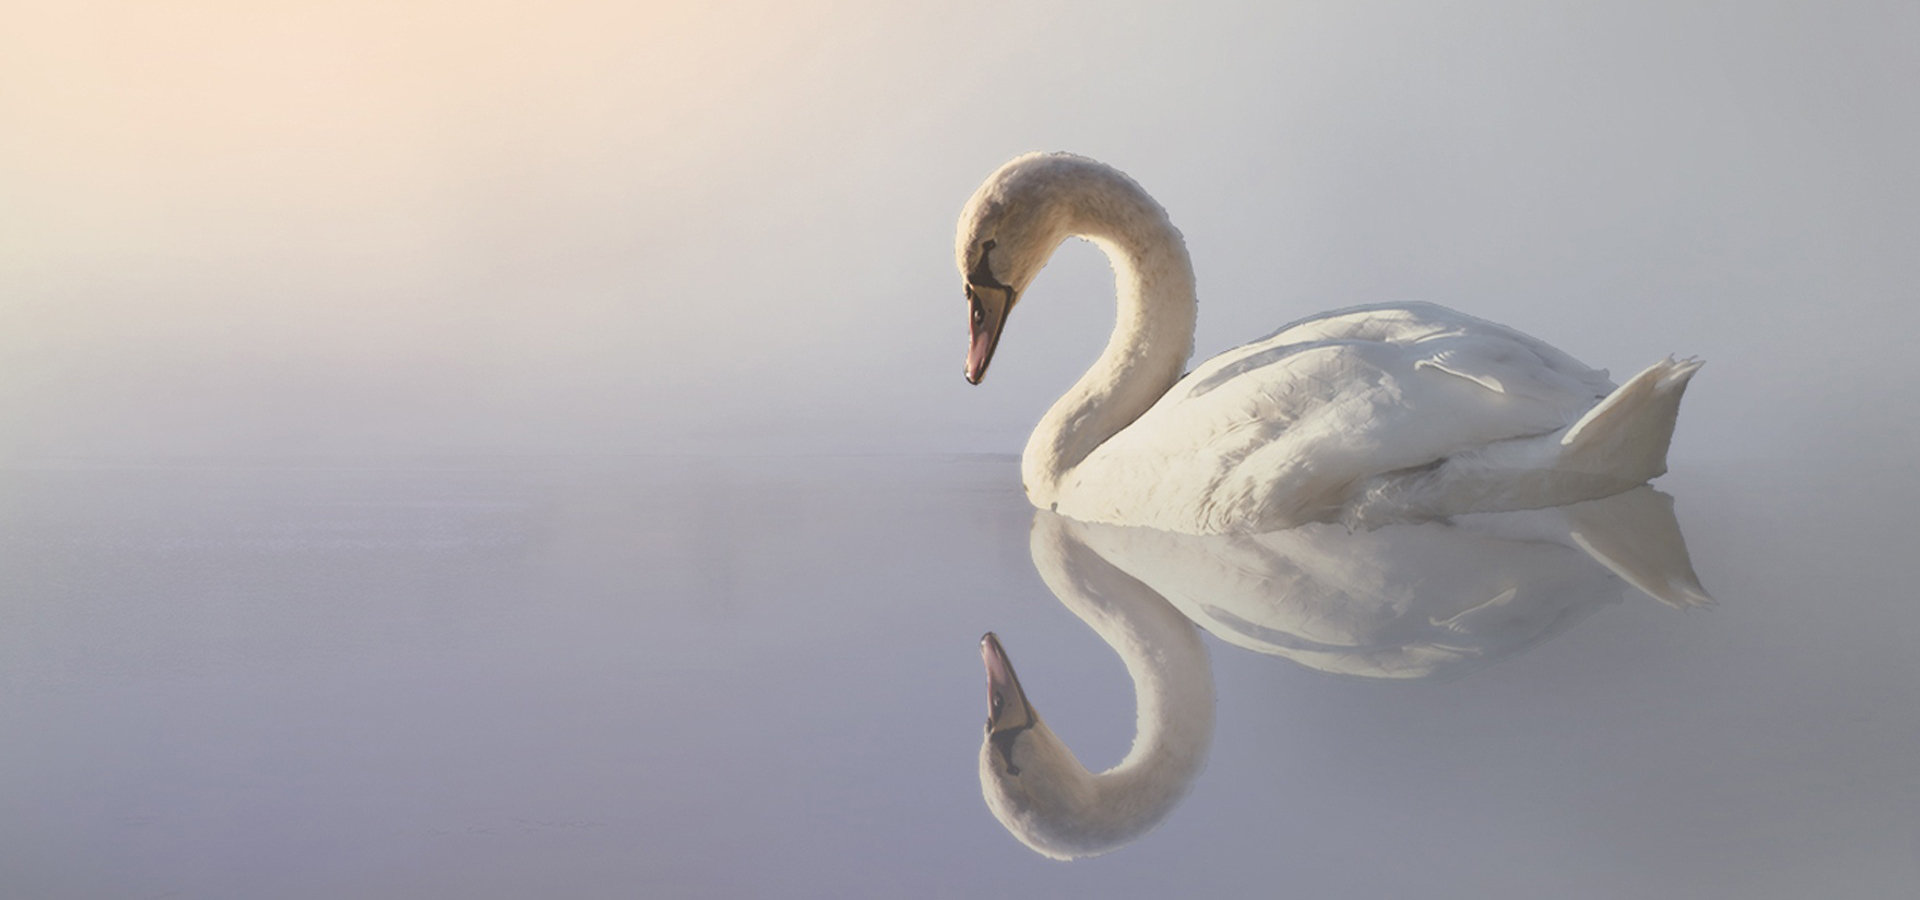 Schwan betrachtet sich im Wasser, Schematherapie, Achtsamkeit, Selbstmitgefühl